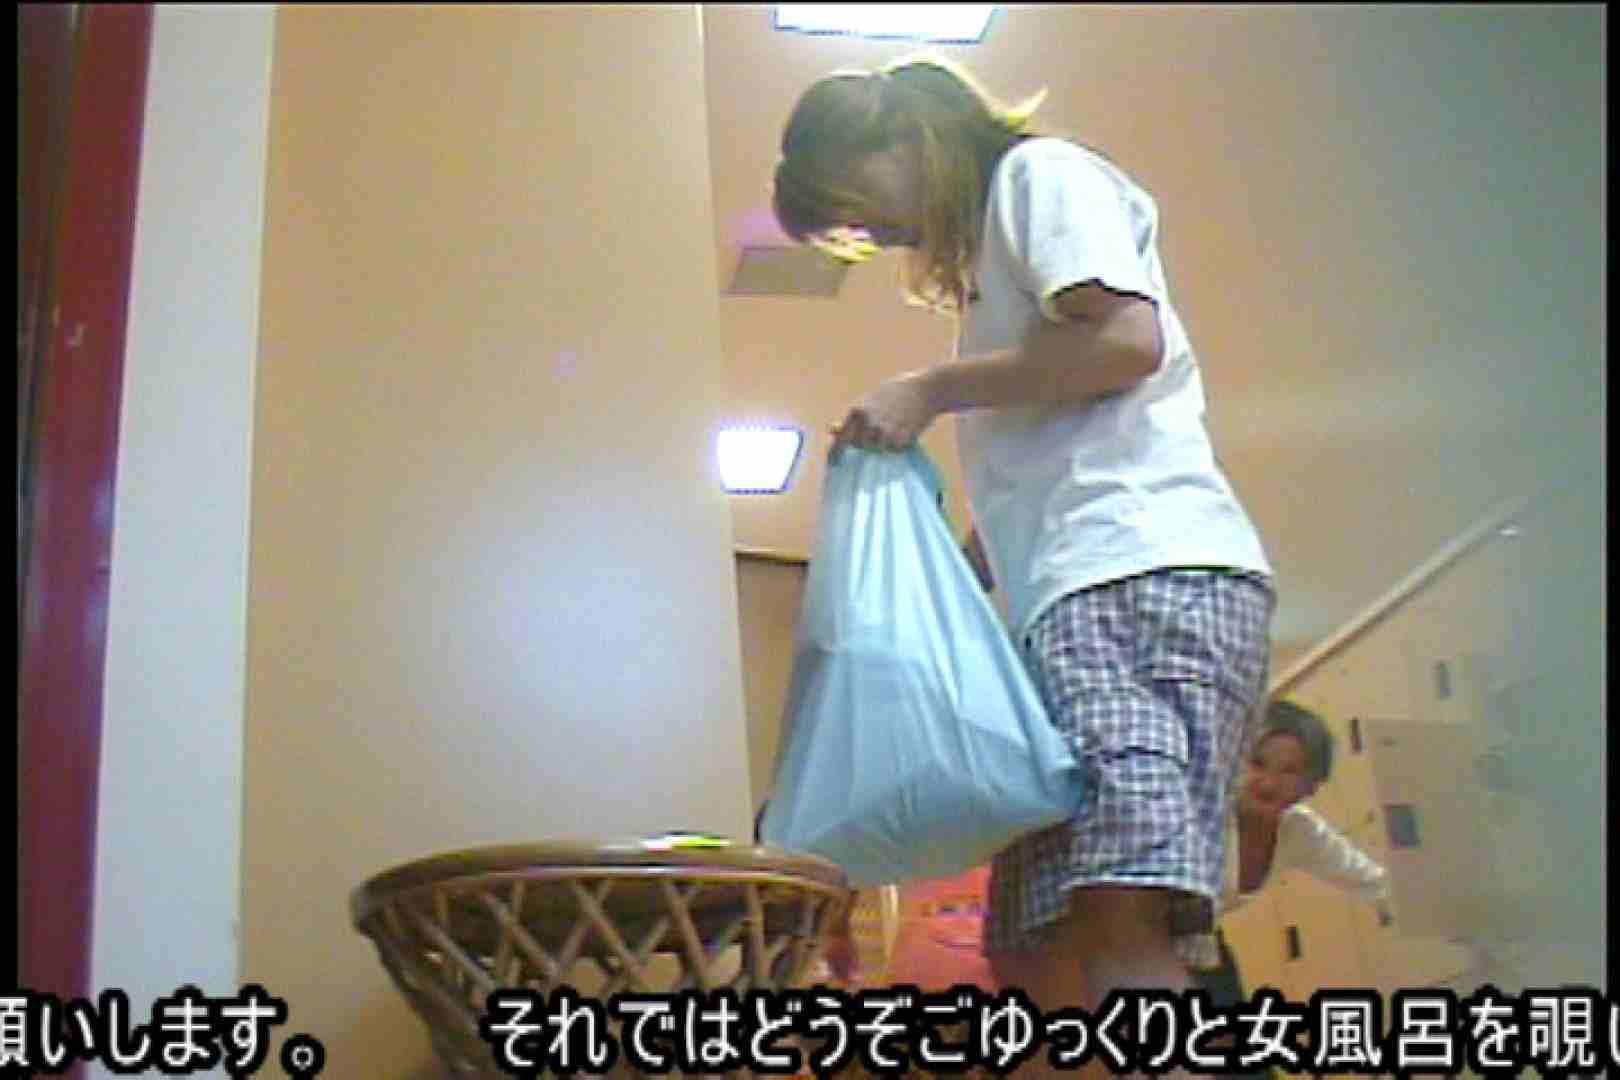 厳選潜入女風呂 No.16 潜入   女風呂  88PIX 1